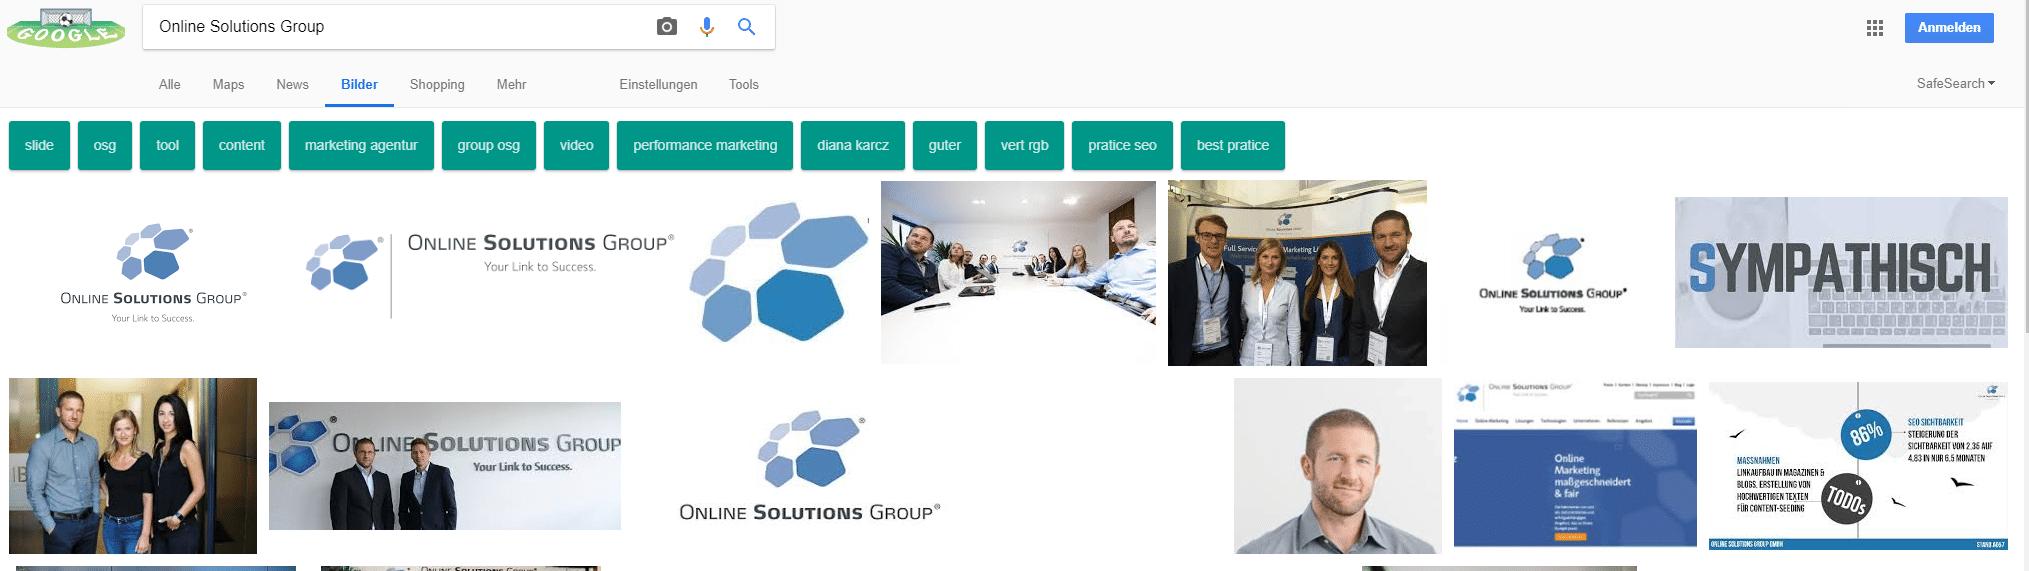 Beispiel Google Bildersuche am Beispiel Online Solutions Group